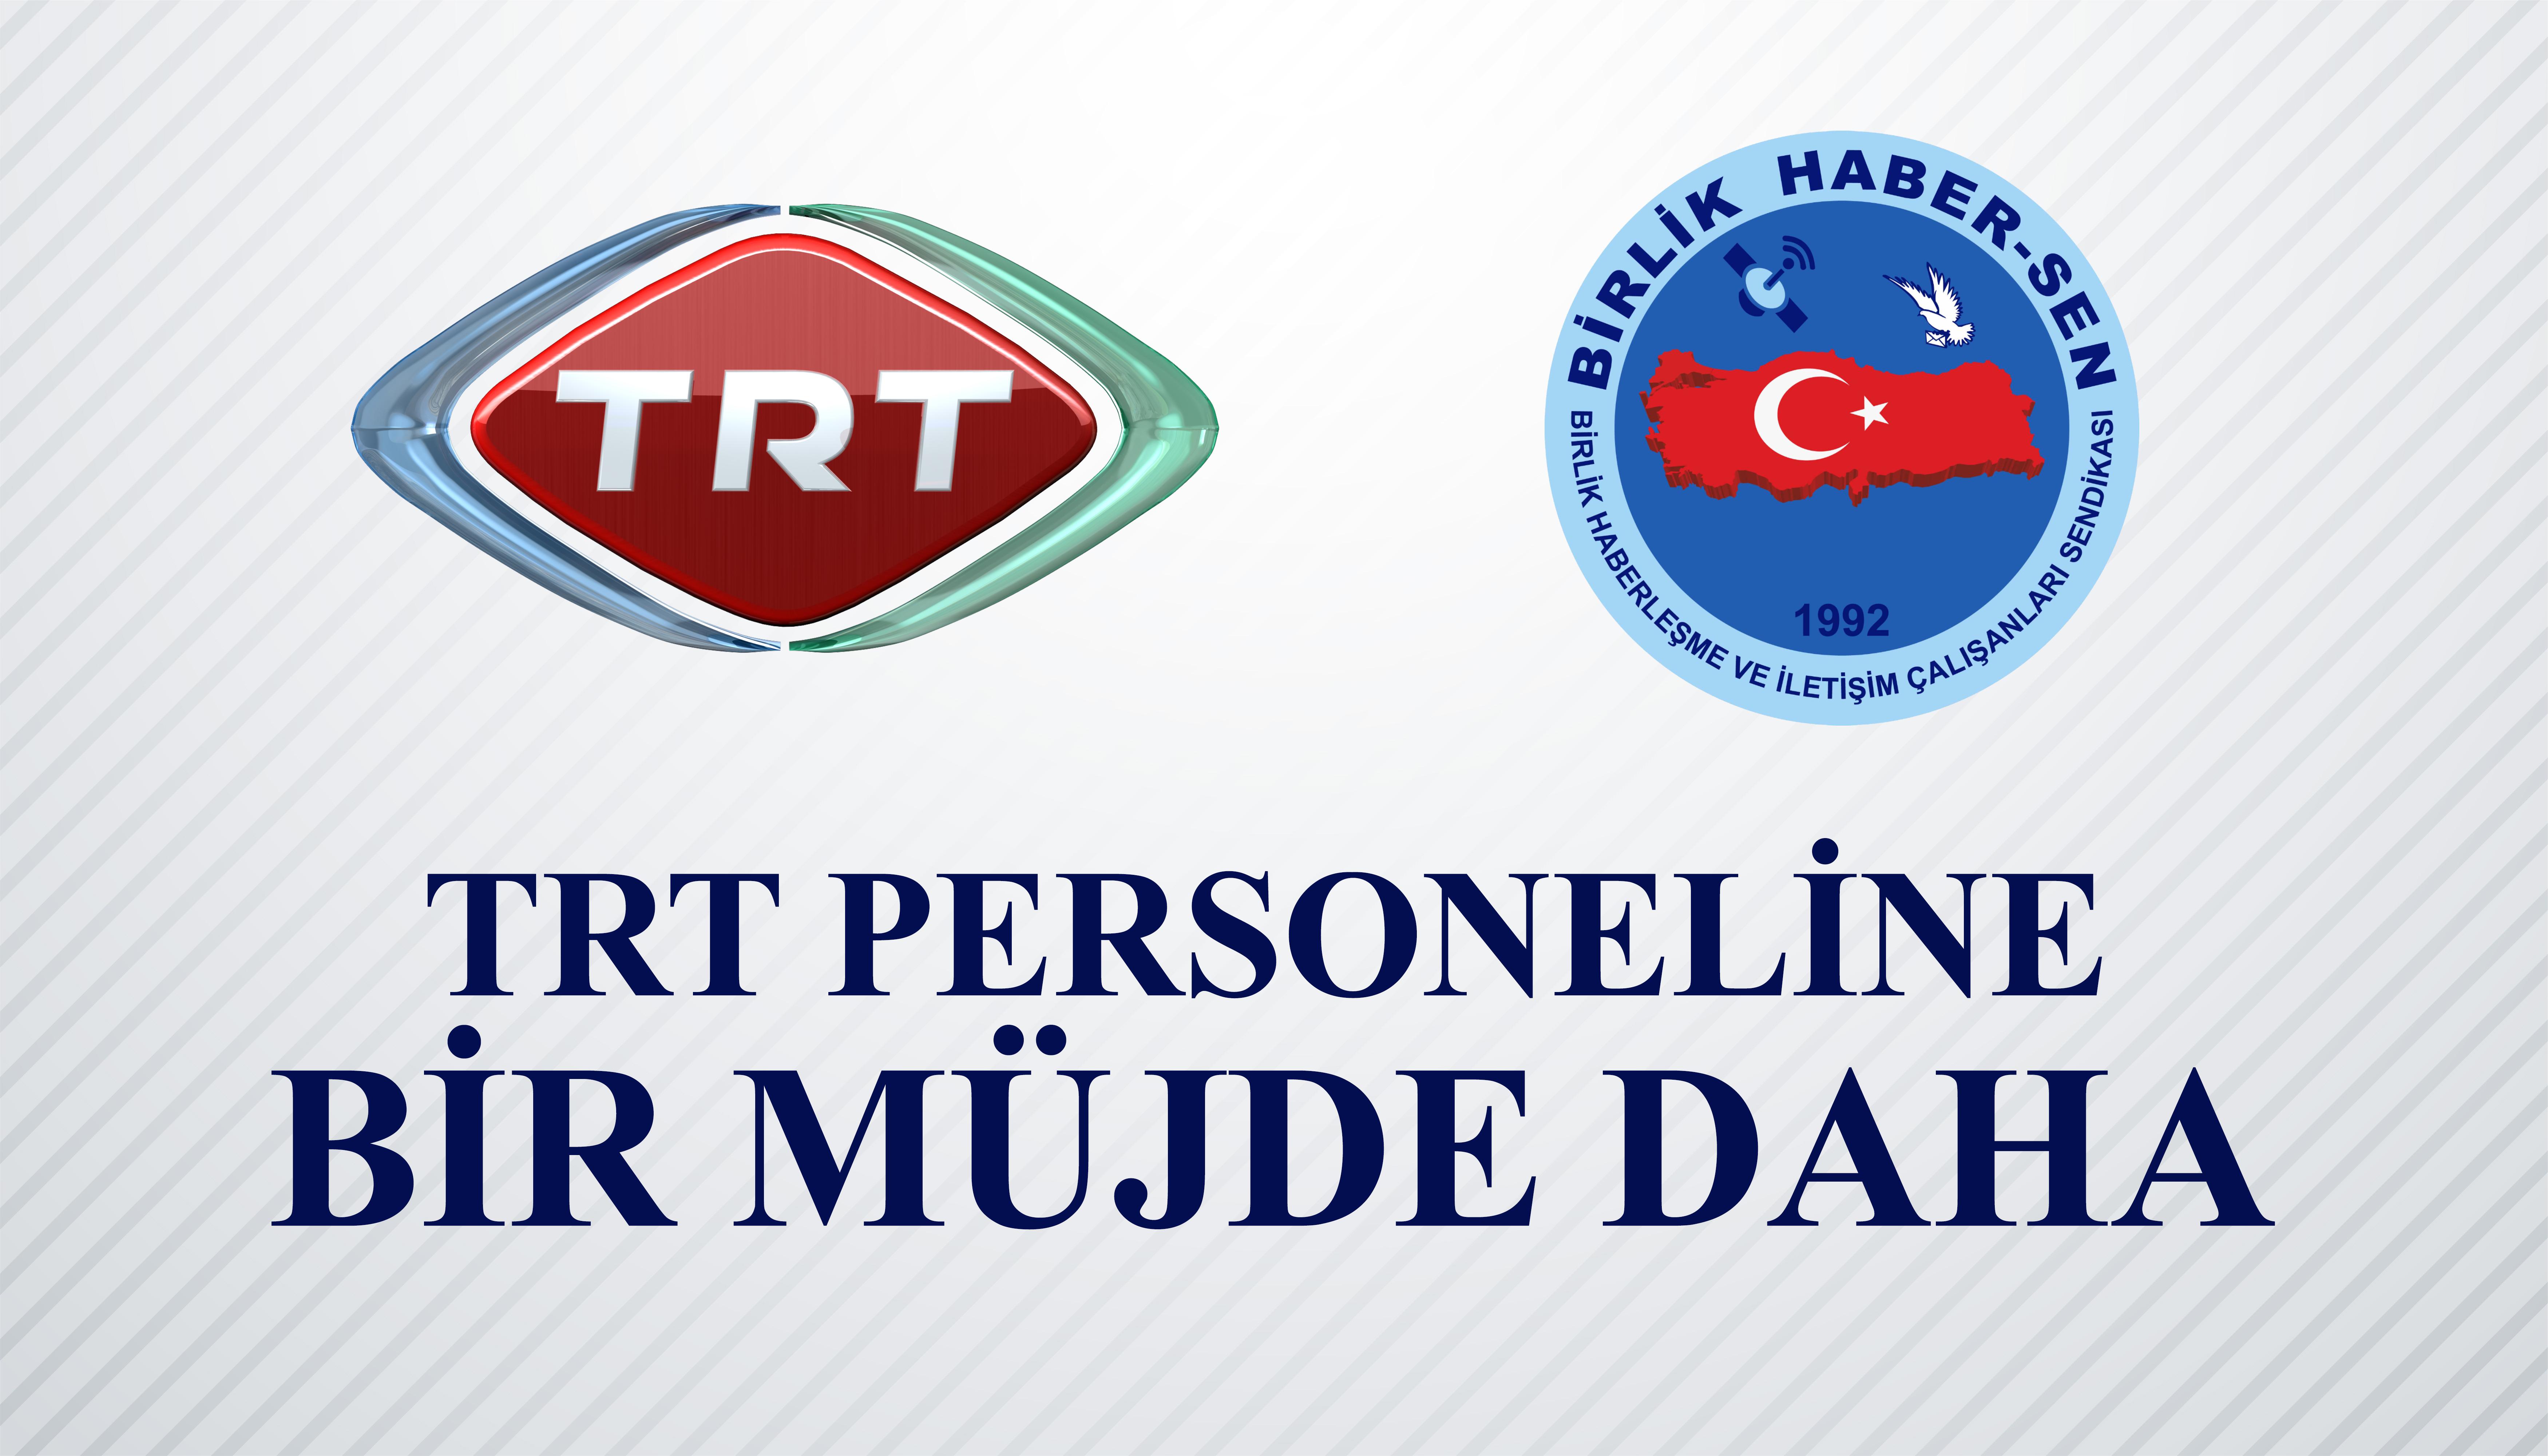 TRT PERSONELİNE BİR MÜJDE DAHA